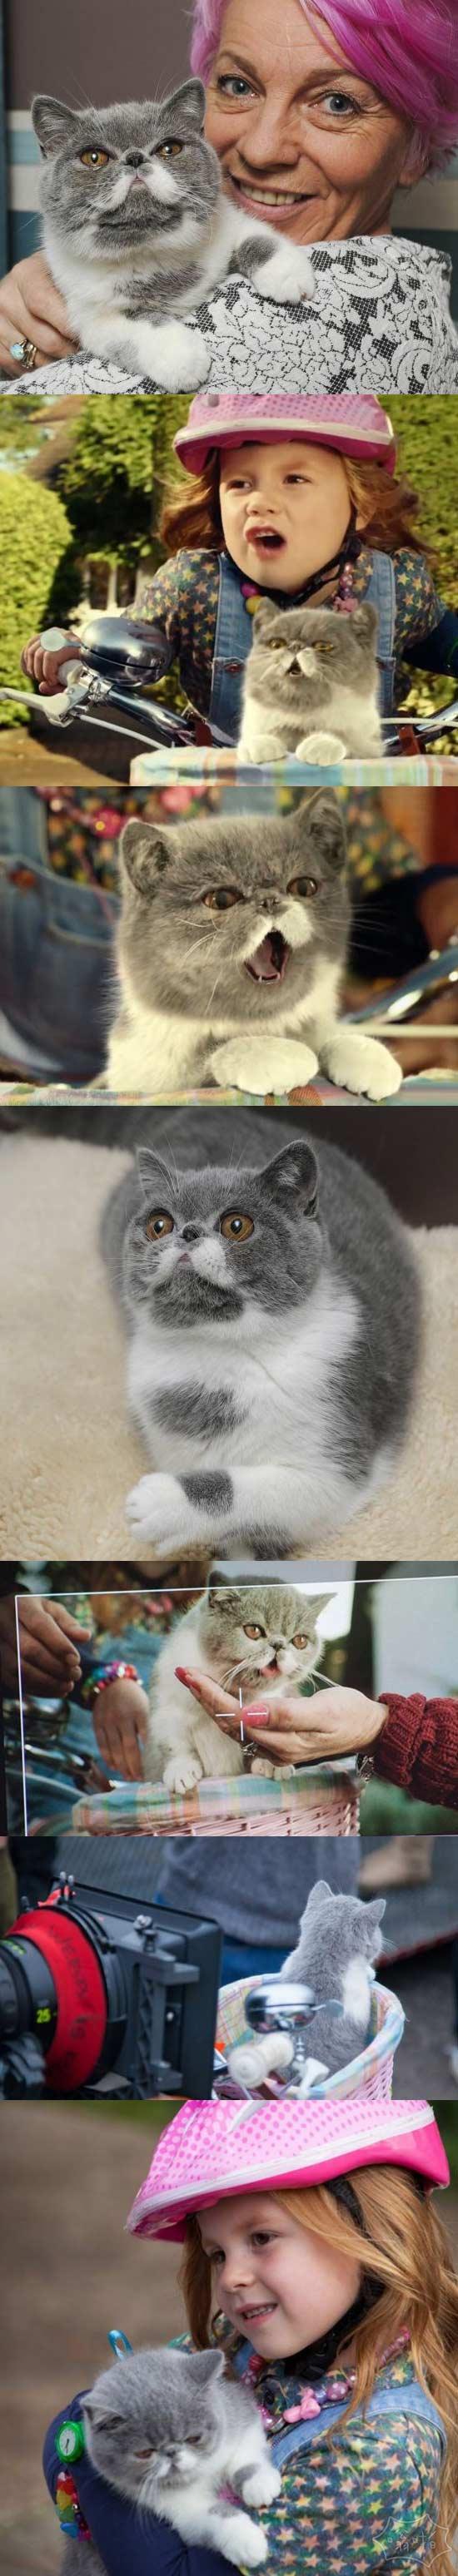 大胡子家猫新广告(视频)